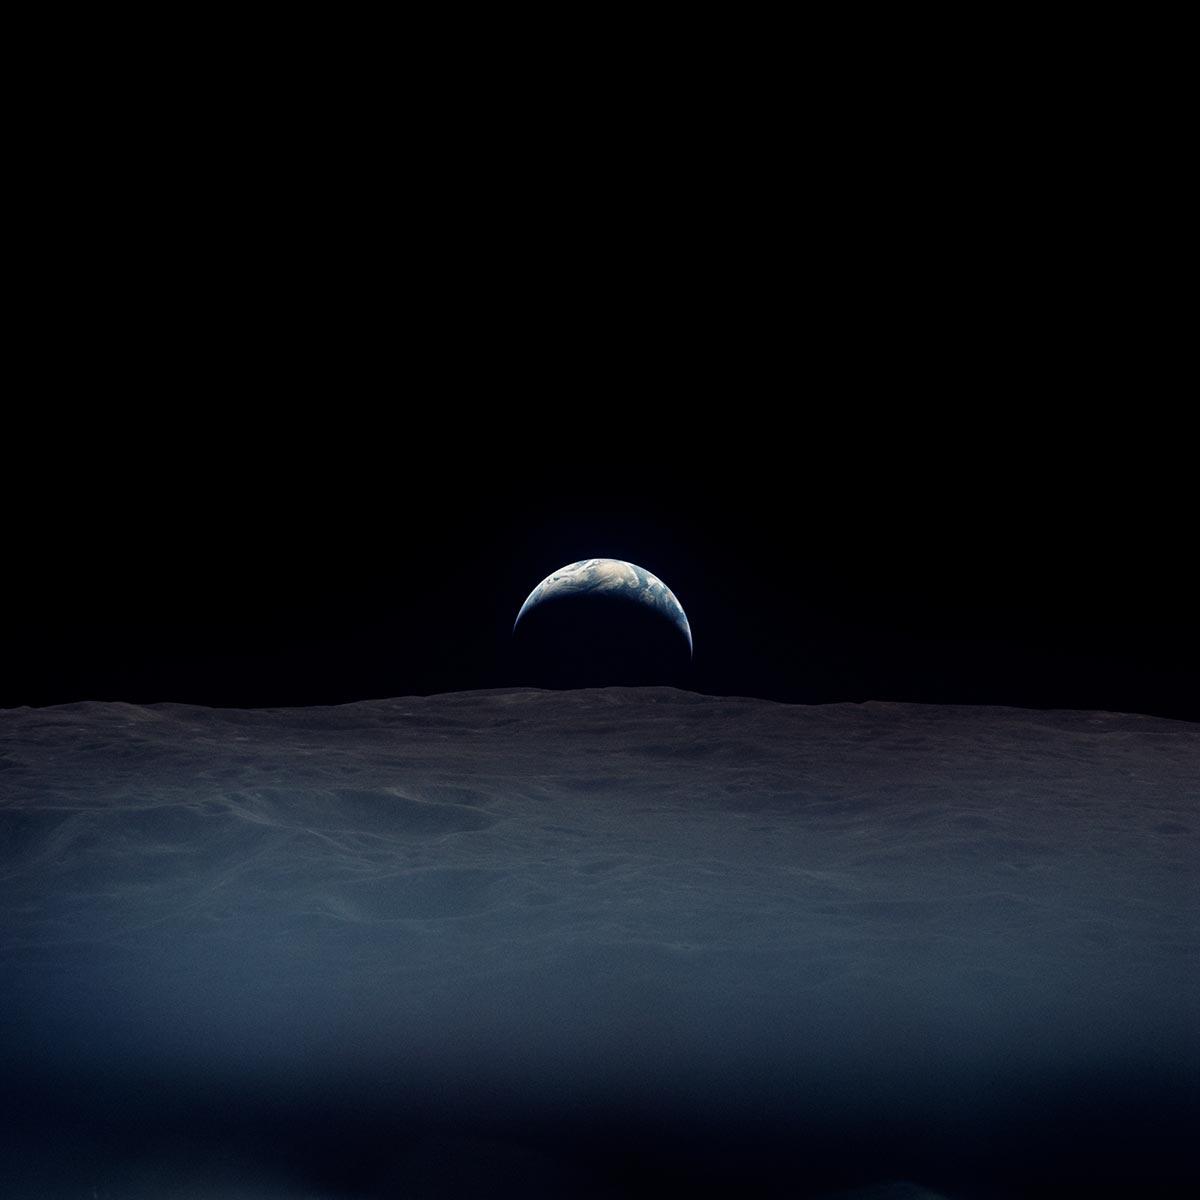 La Terra fotografata dall'astronauta Richard Gordon dell'Apollo 12